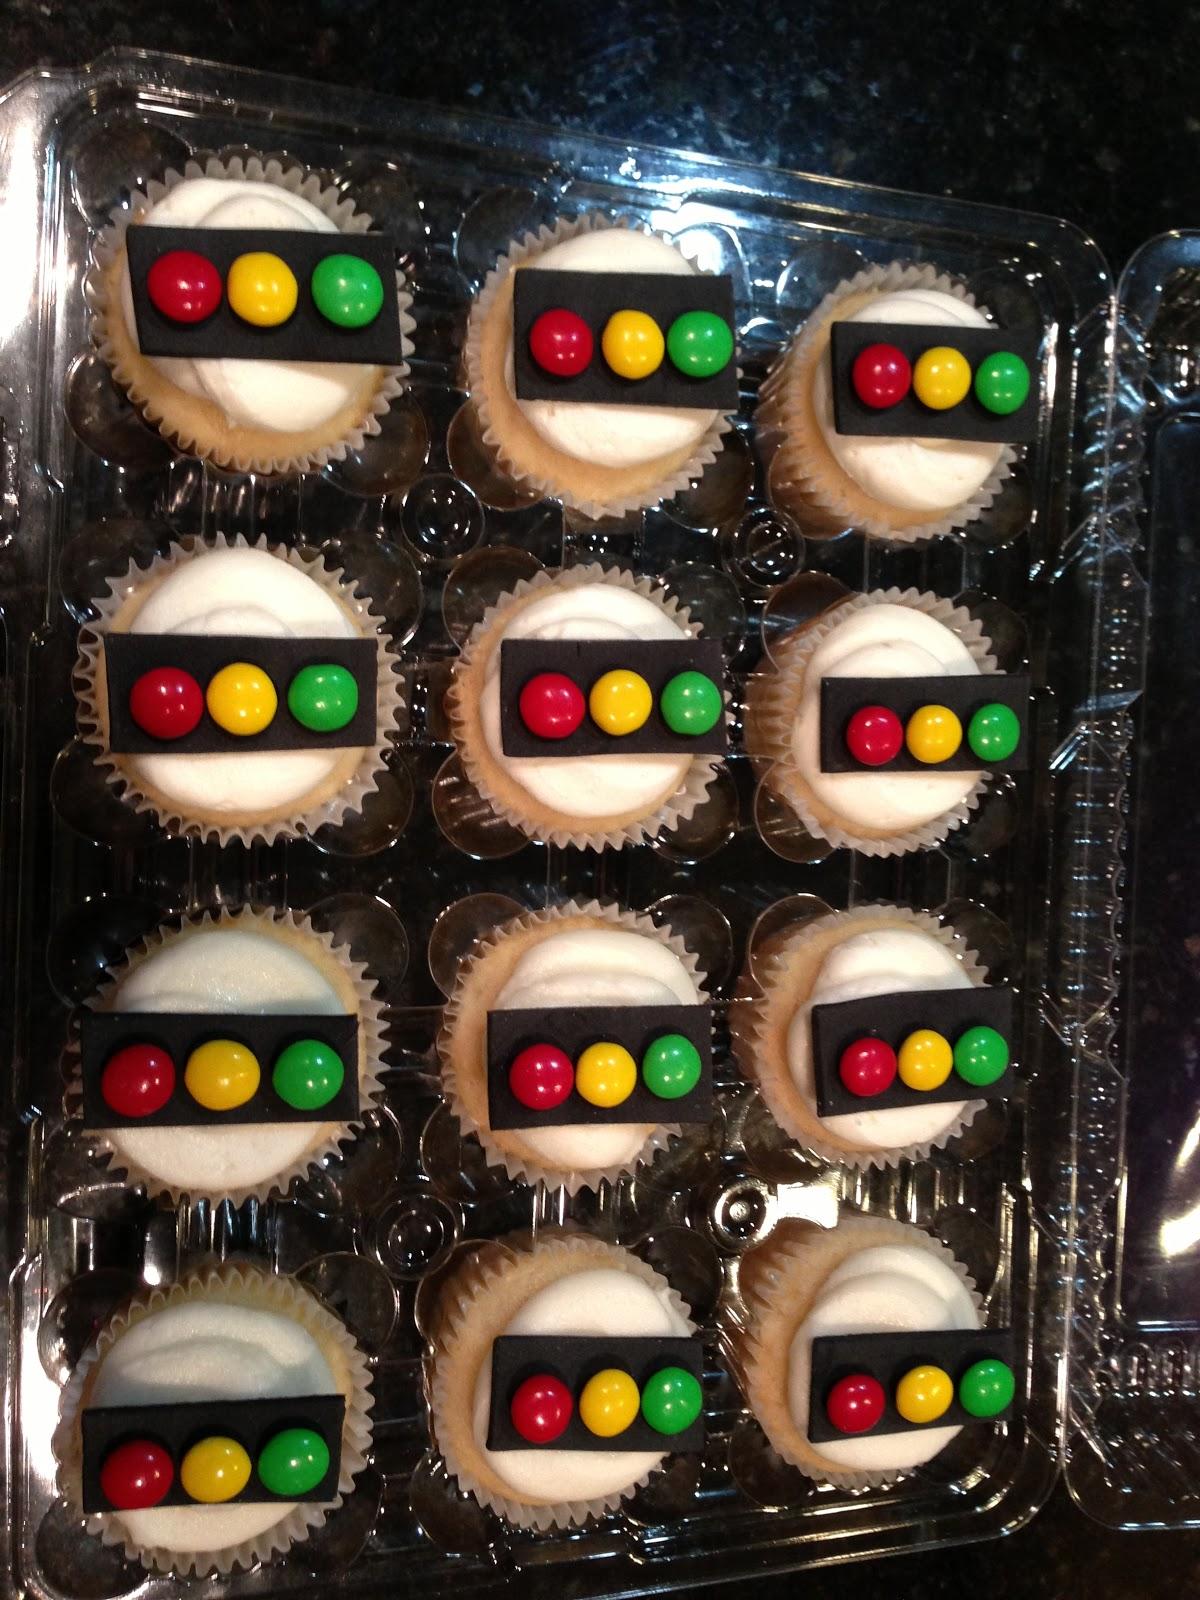 Kara's Cookies: Gallery of Cakes